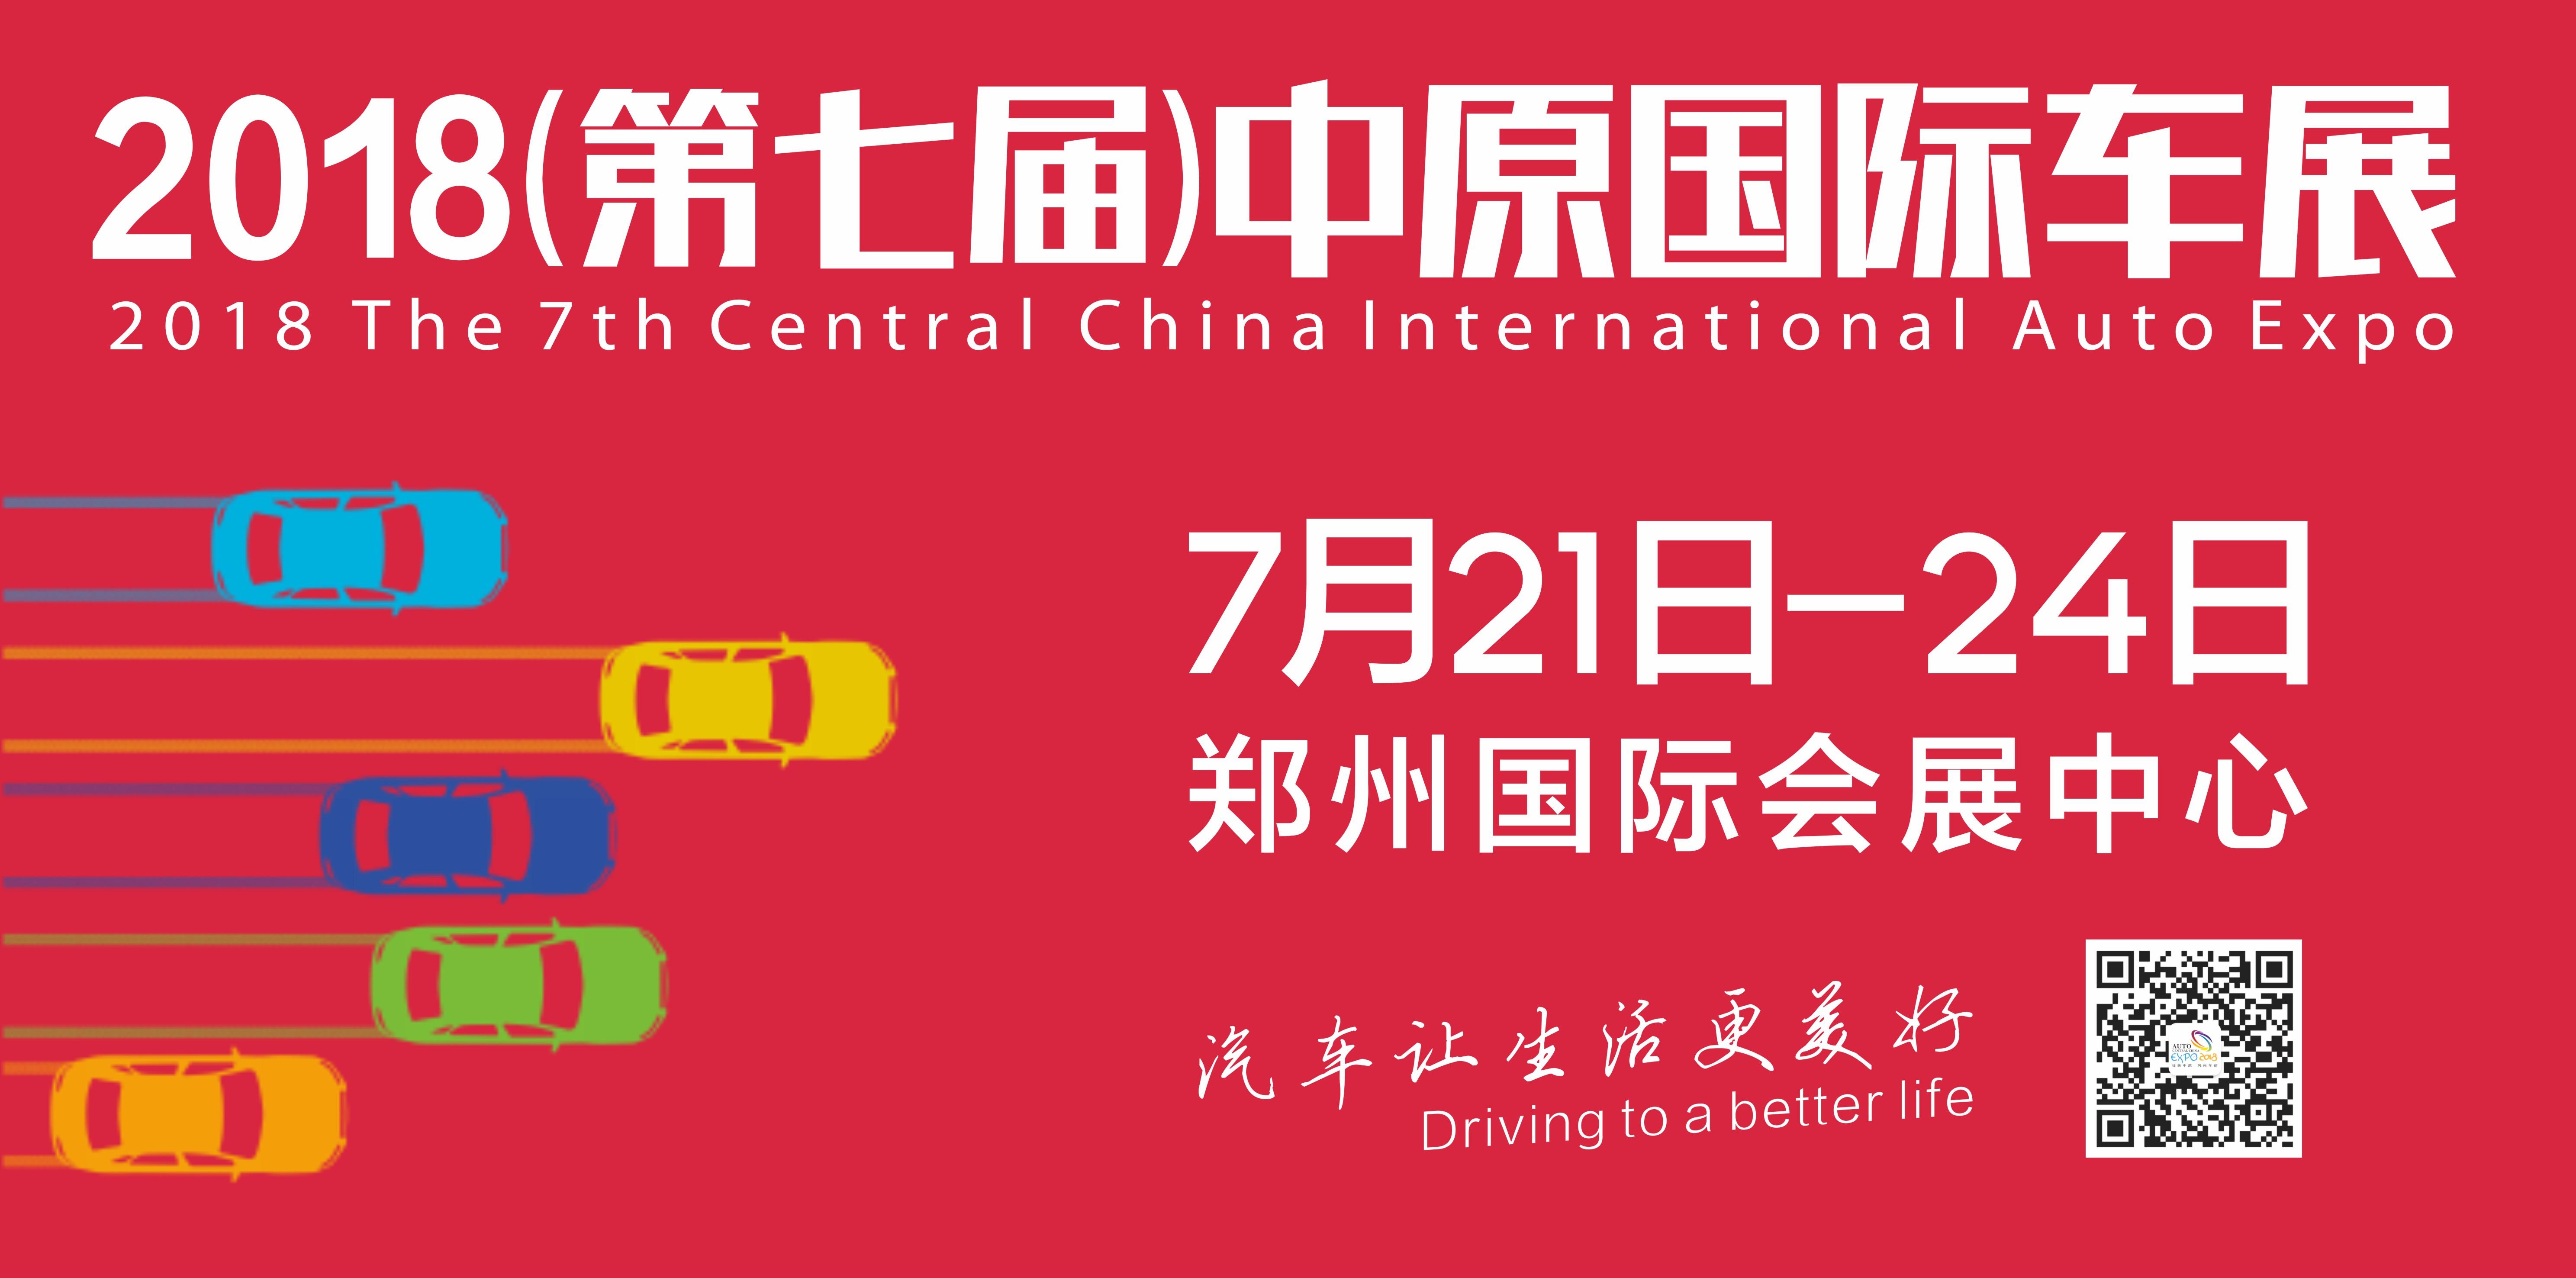 2018第七届中原国际车展